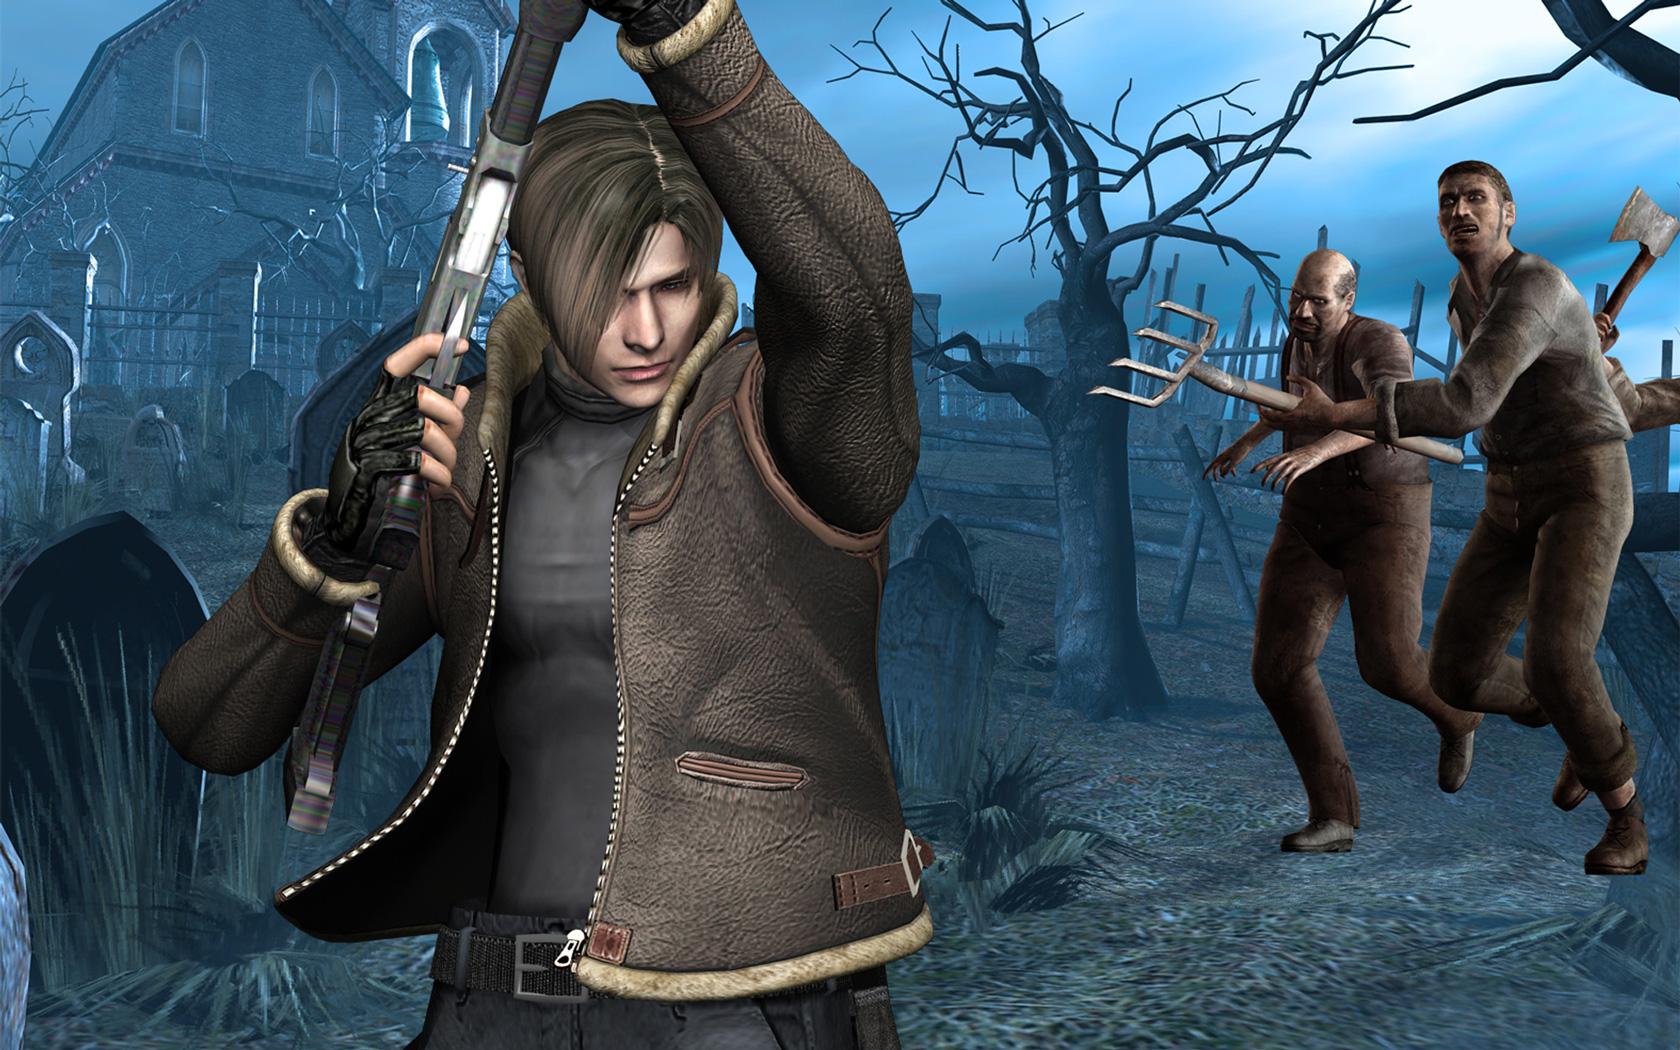 Resident Evil 4 Wallpaper in 1680x1050